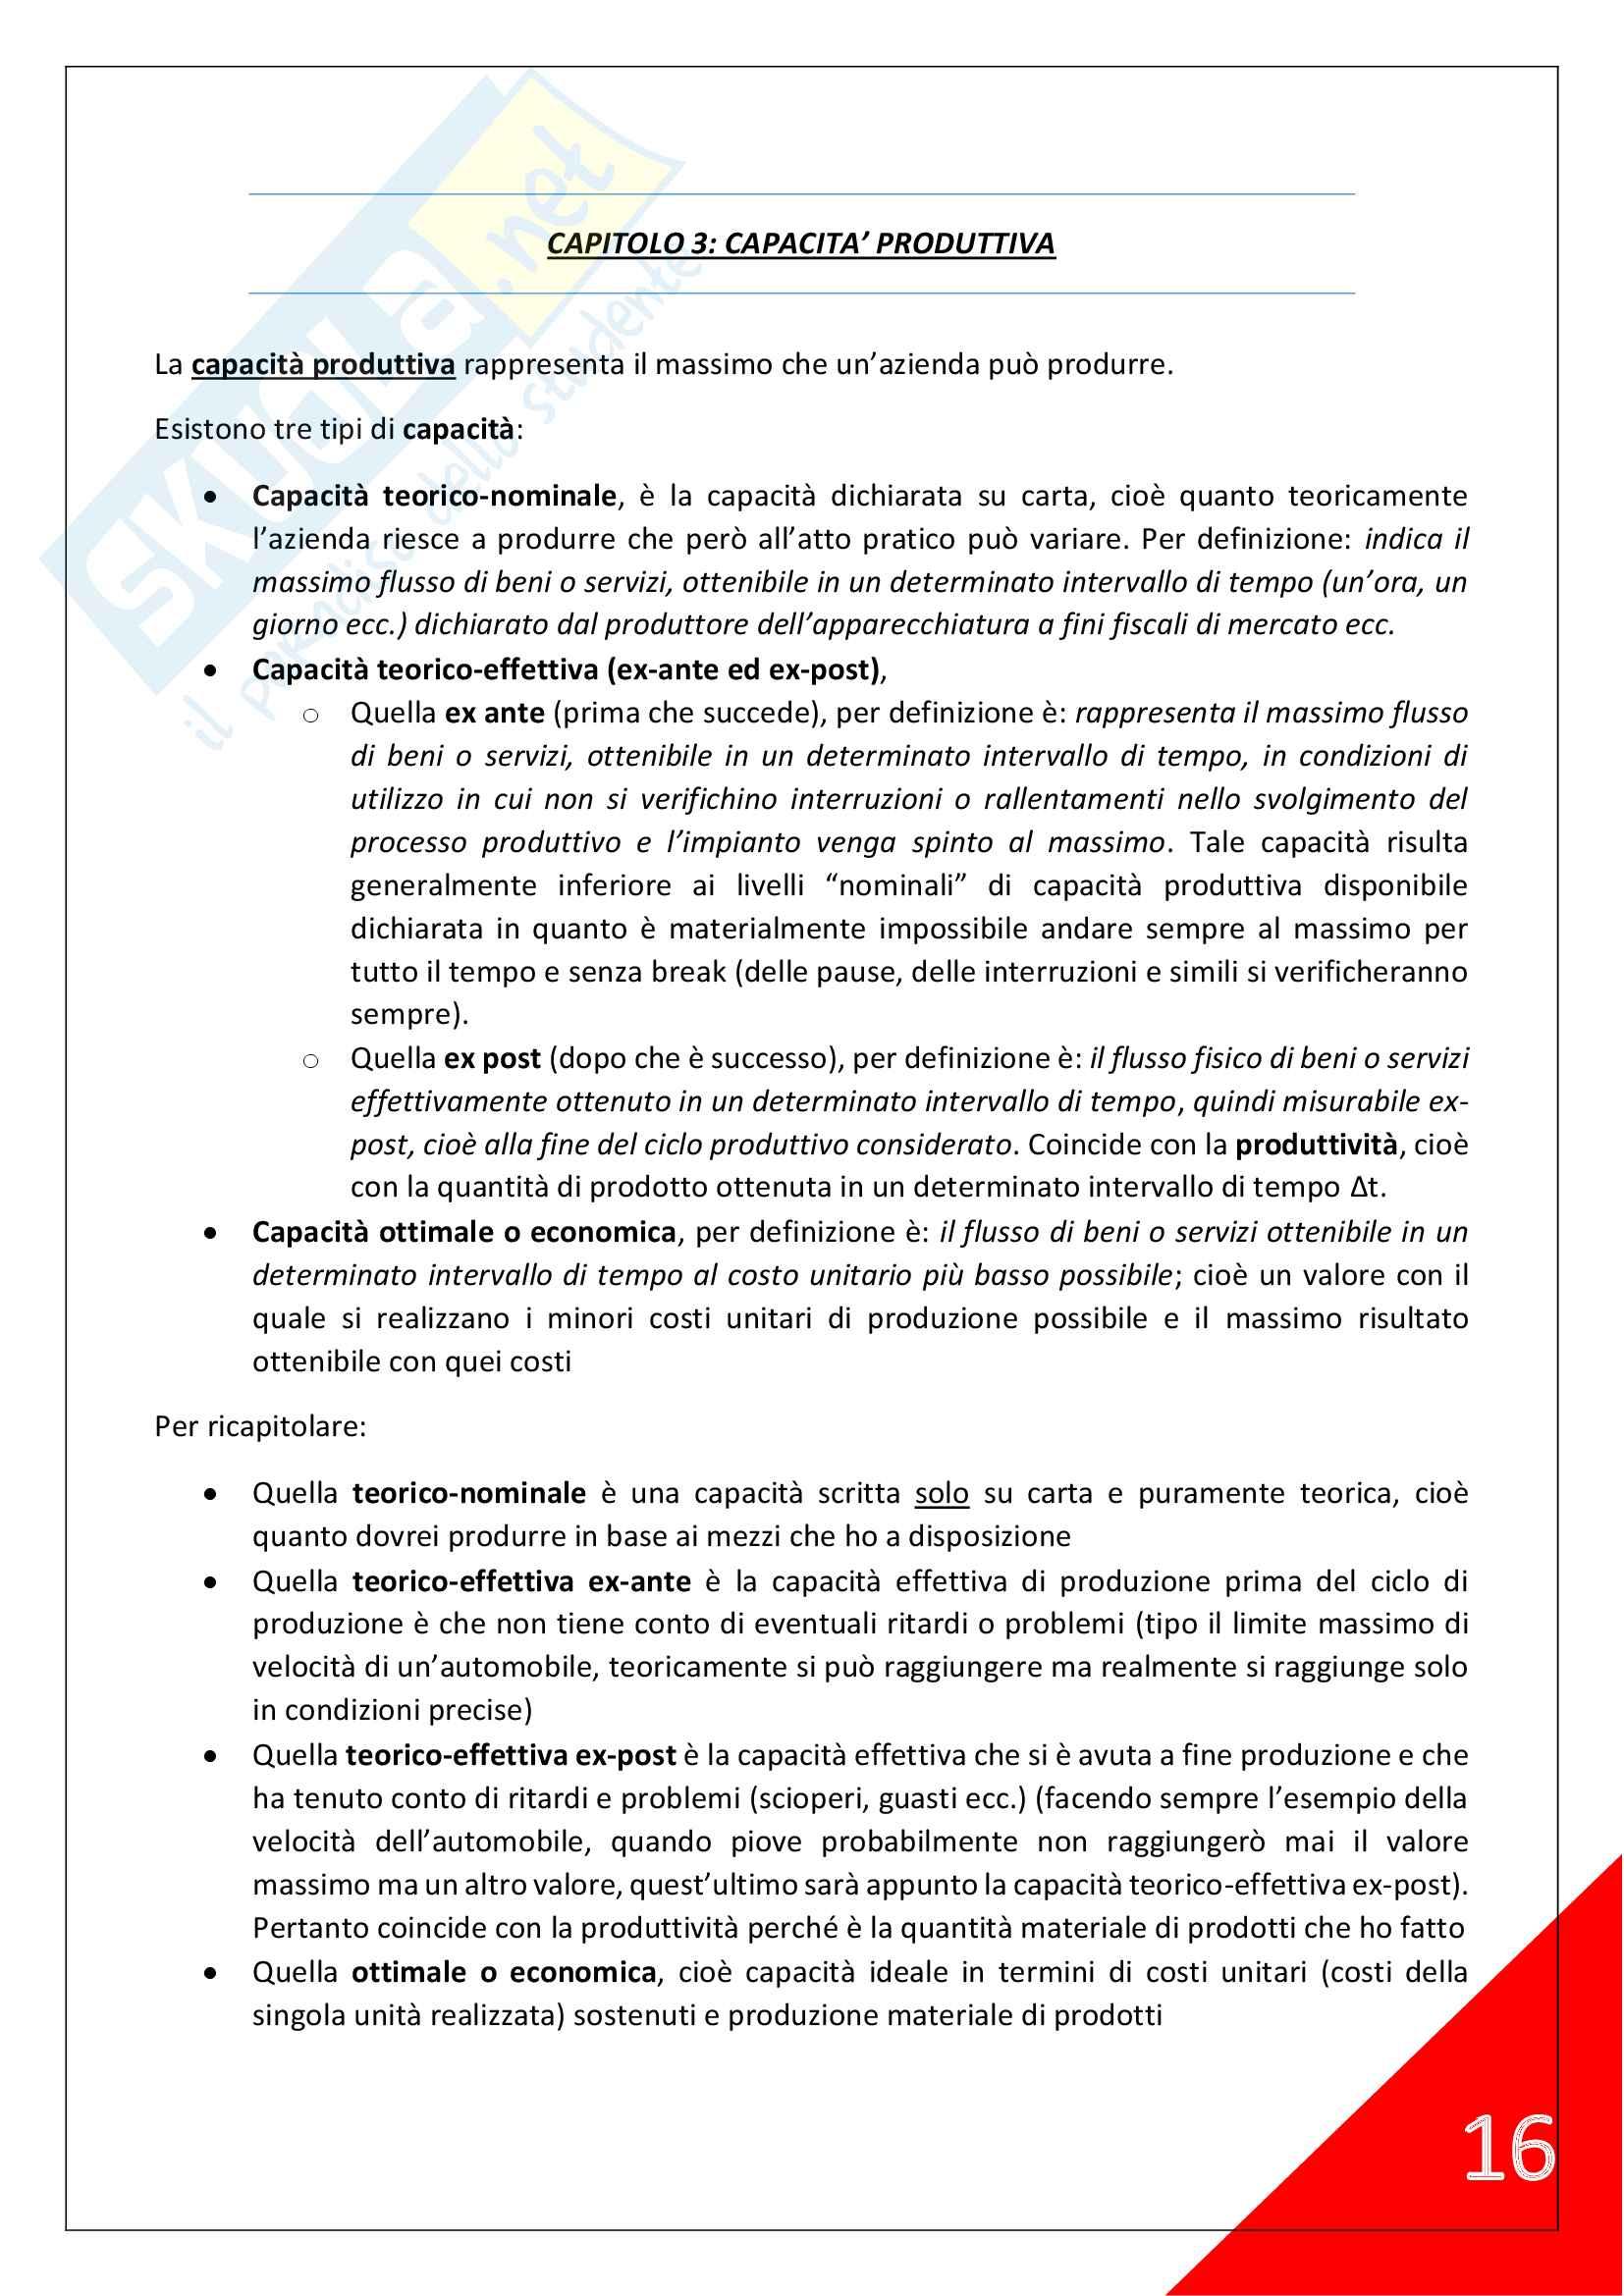 Economia e Gestione delle Imprese - 2° Anno Scienze Motorie Pag. 16